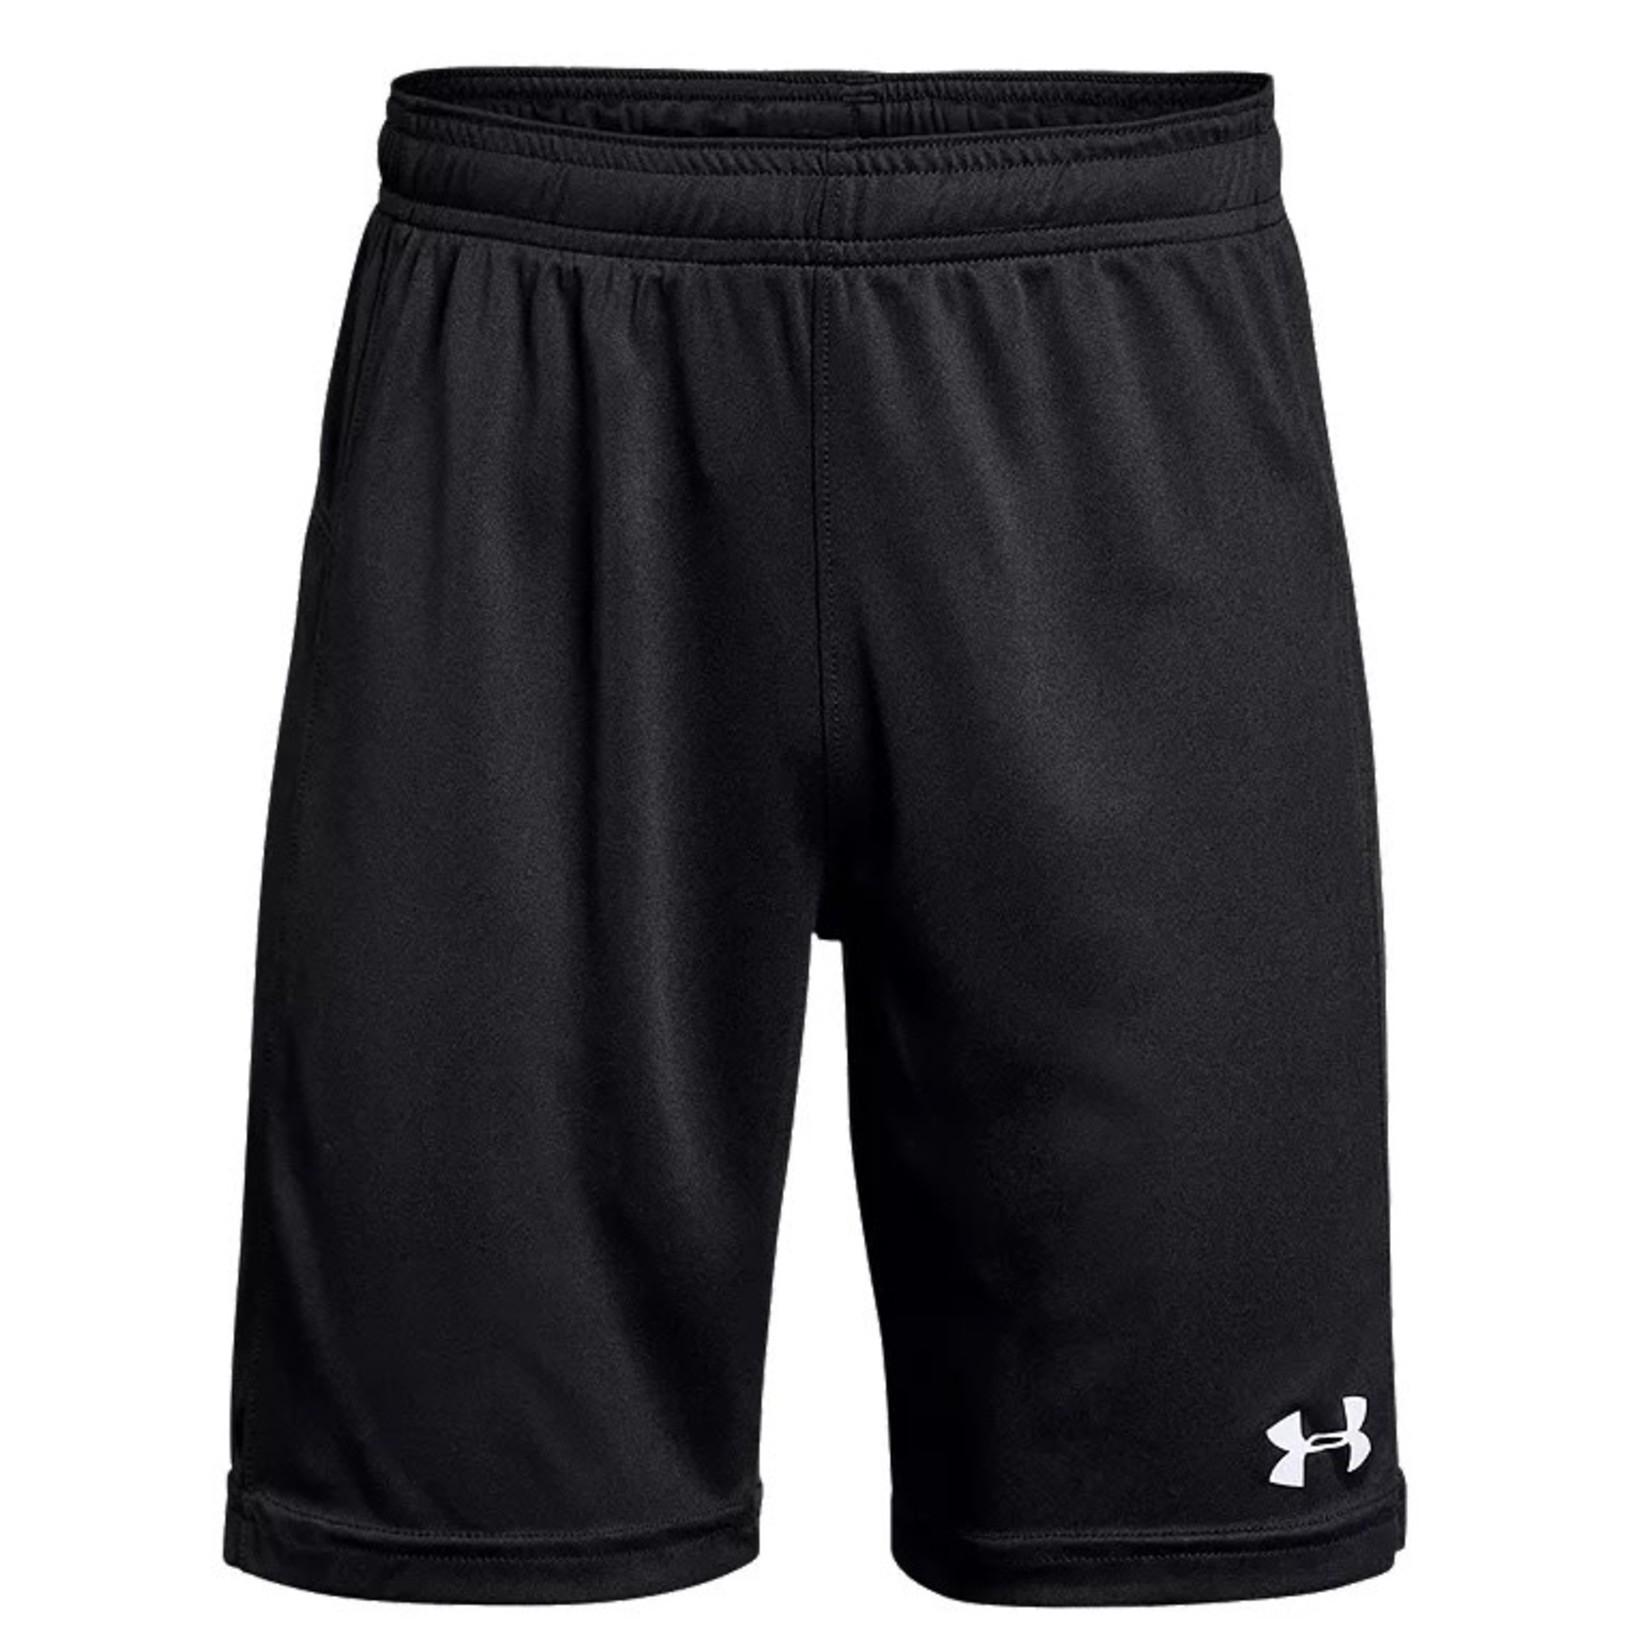 Under Armour Under Armour Shorts, Golazo 2.0, Boys